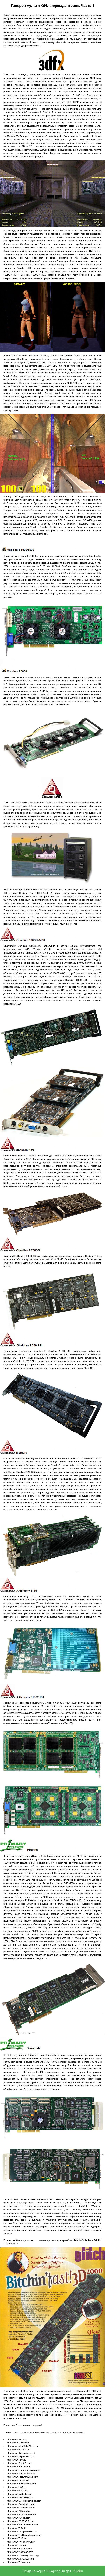 Галерея мульти-GPU видеоадаптеров. Часть 1 3dfx, Видеокарта, Компьютер, Длиннопост, Voodoo, Quantum3D, Компьютерное железо